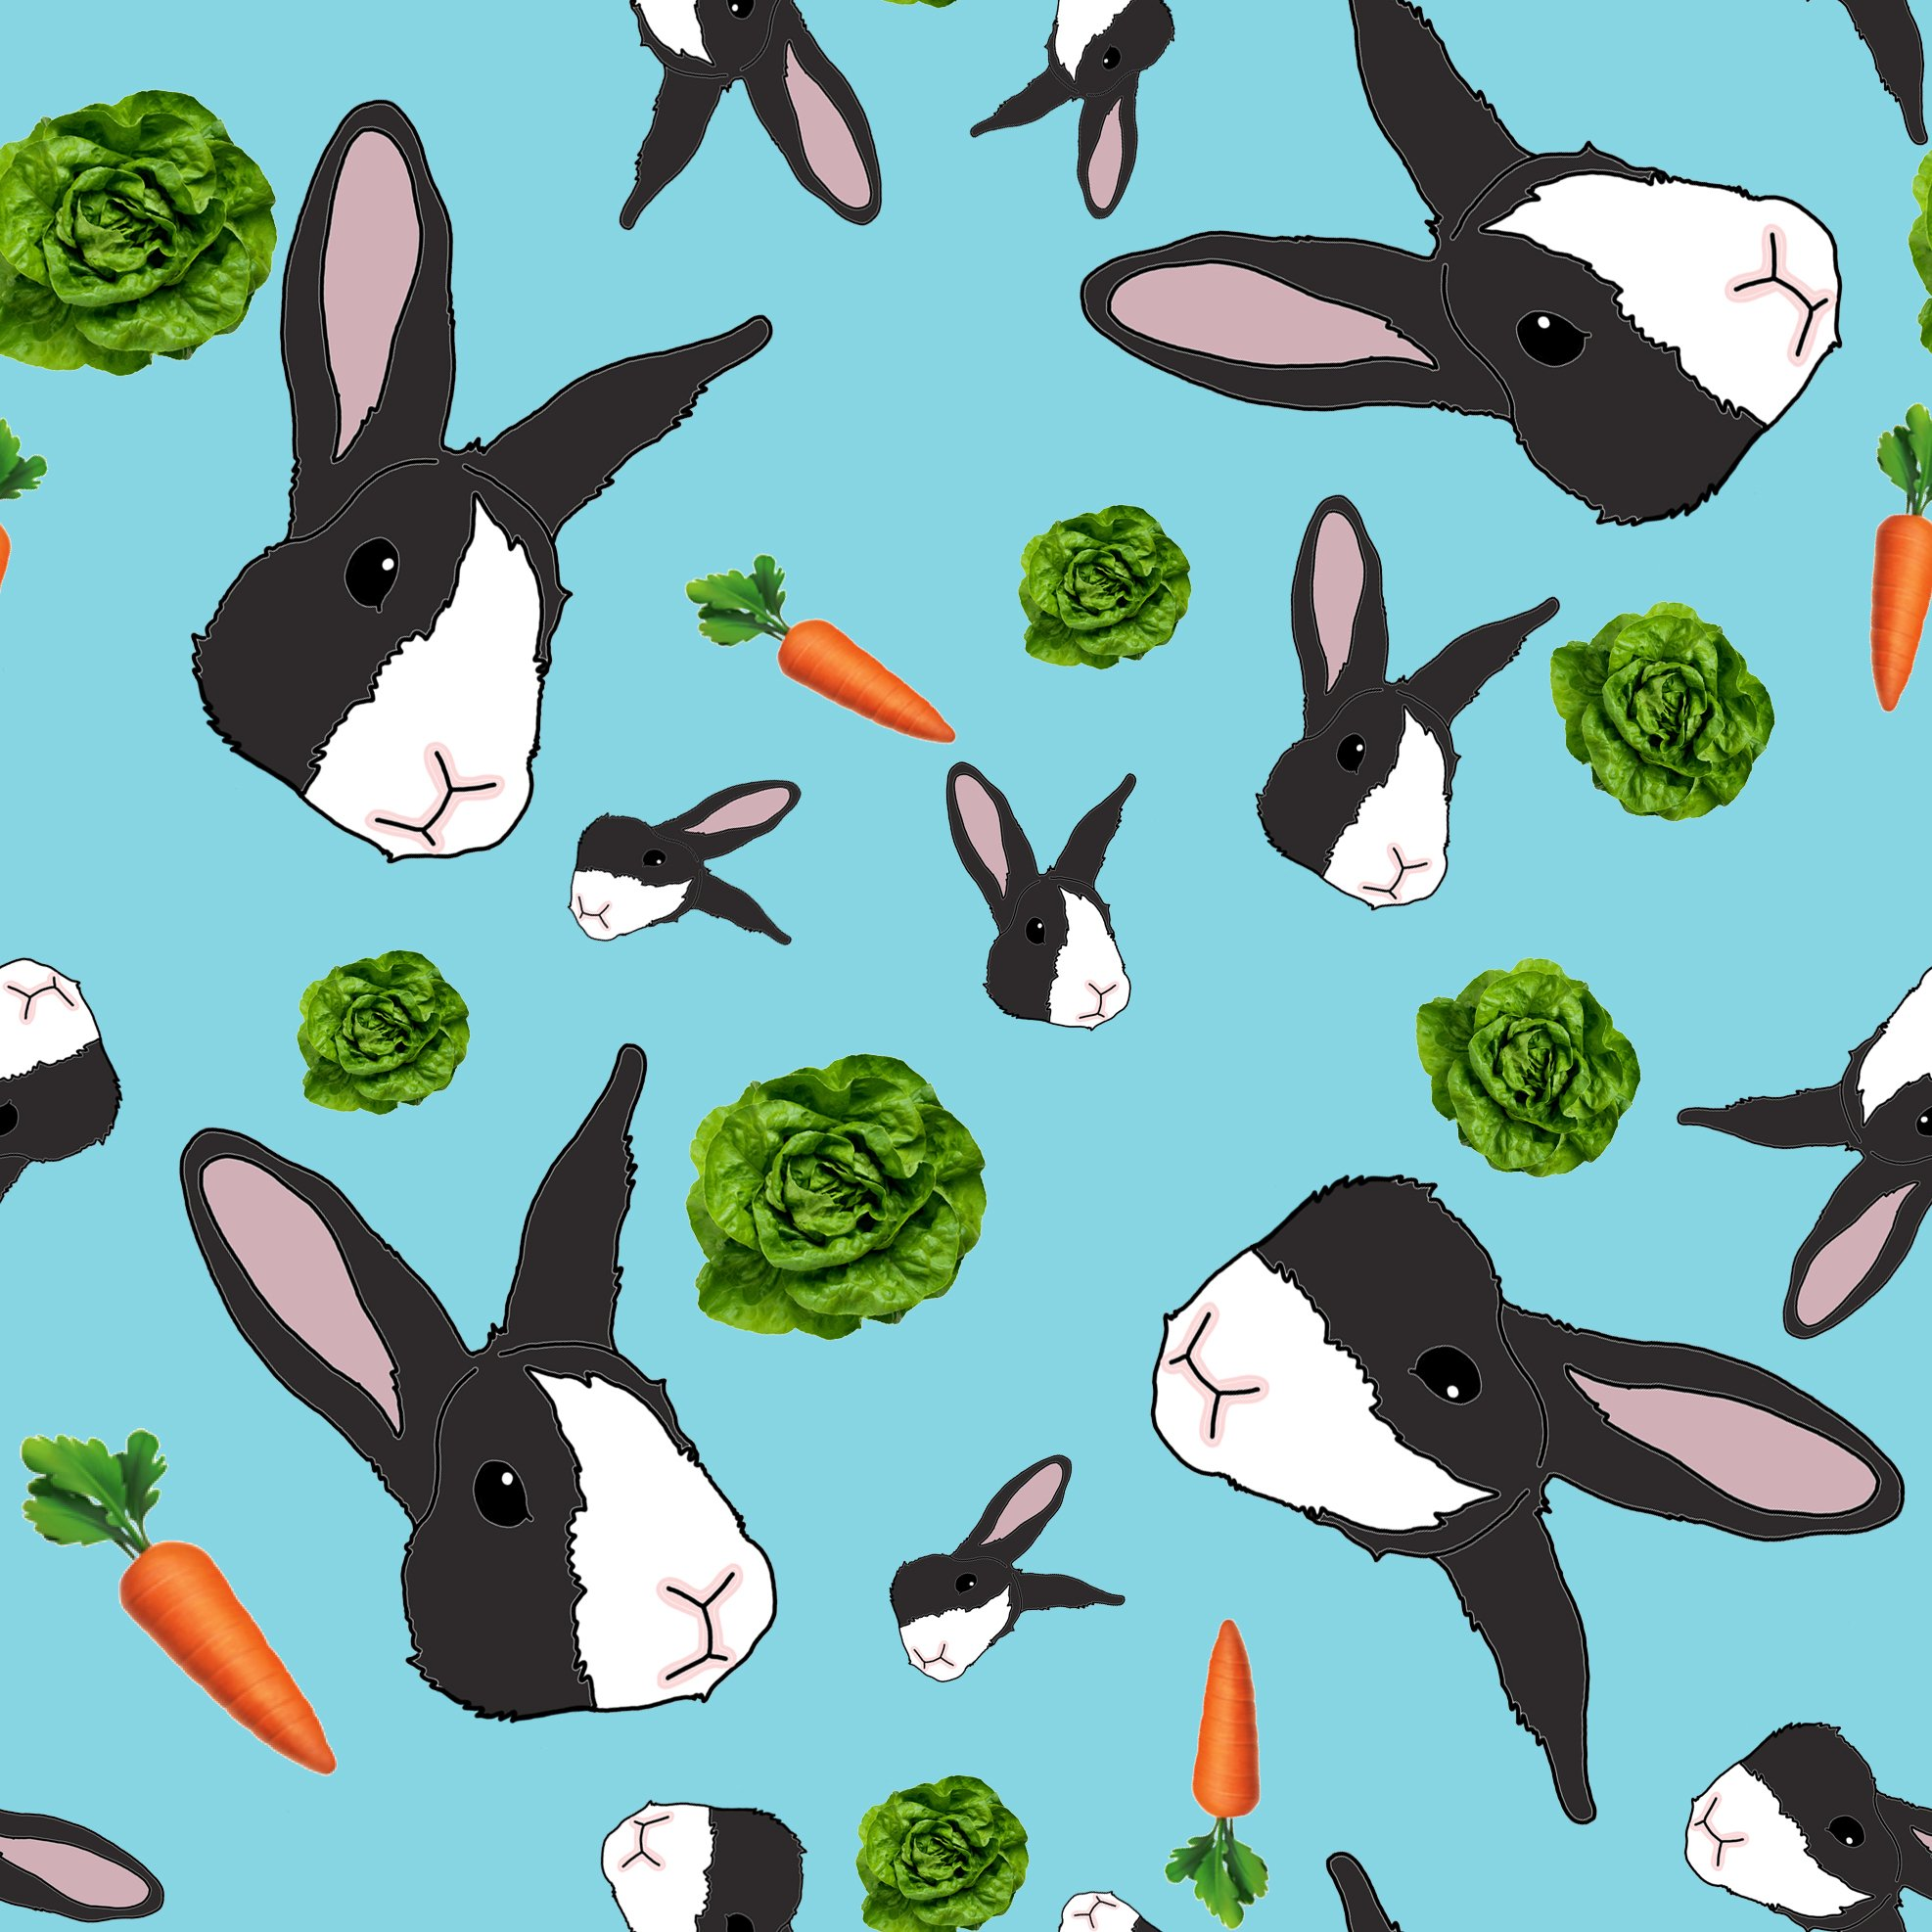 https://0201.nccdn.net/1_2/000/000/145/9a4/petunia-rabbit-pattern-tile.jpg